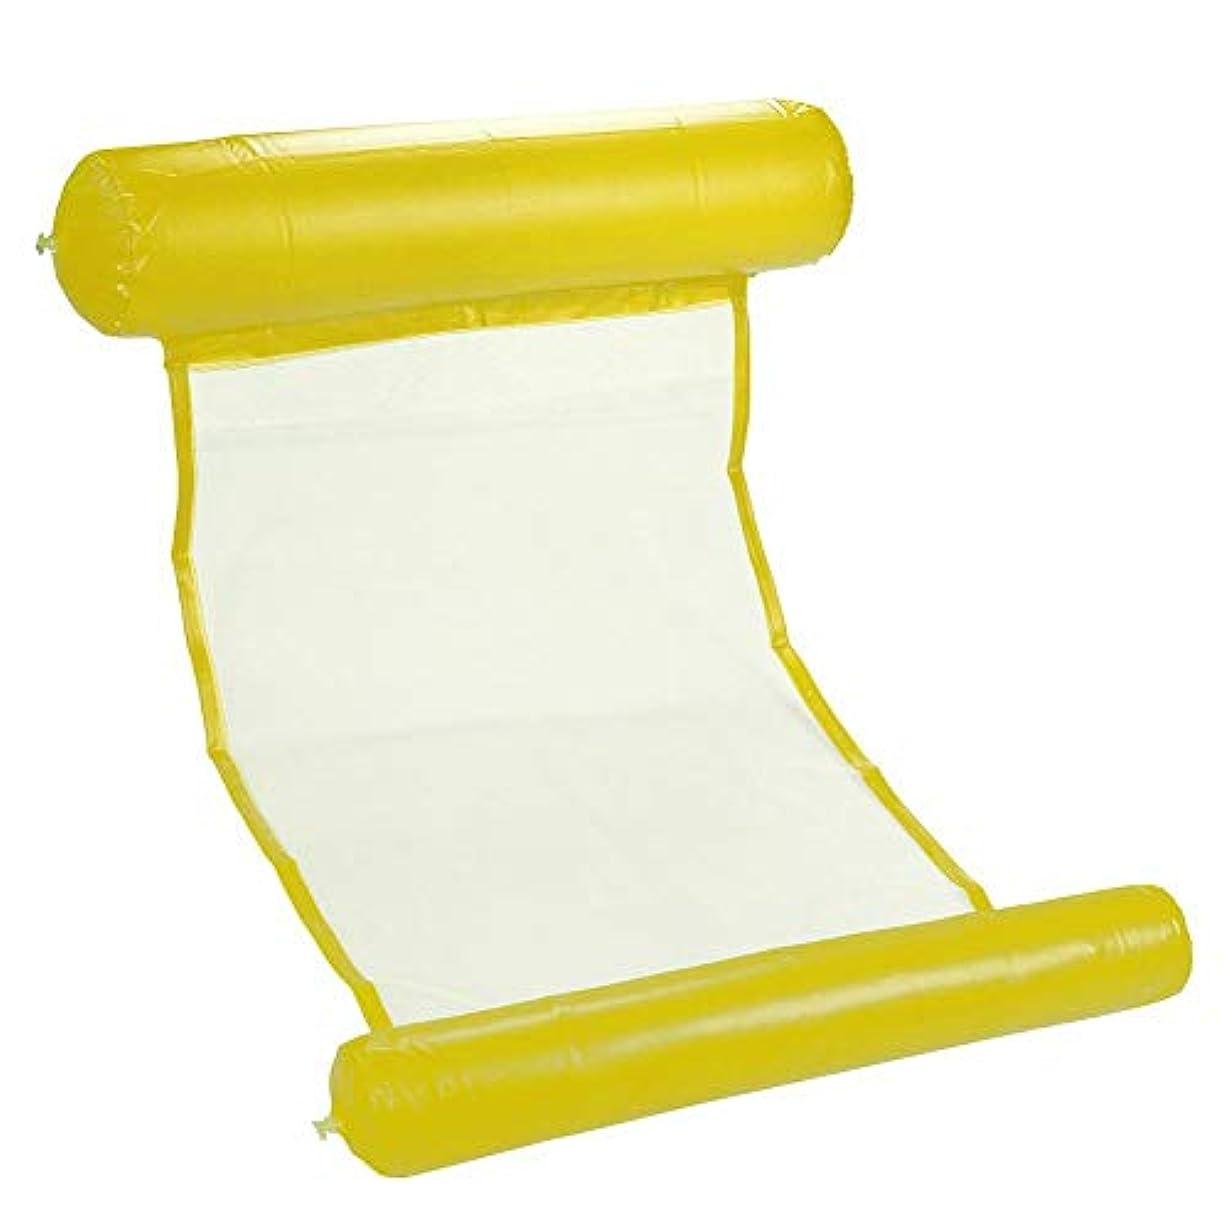 悔い改め心のこもった後世volflashy エアマットレス 折り畳み式 プール 浜 膨脹可能 浮遊物 クッション ベッド 椅子 ハンモック 大人 ウォータースポーツ